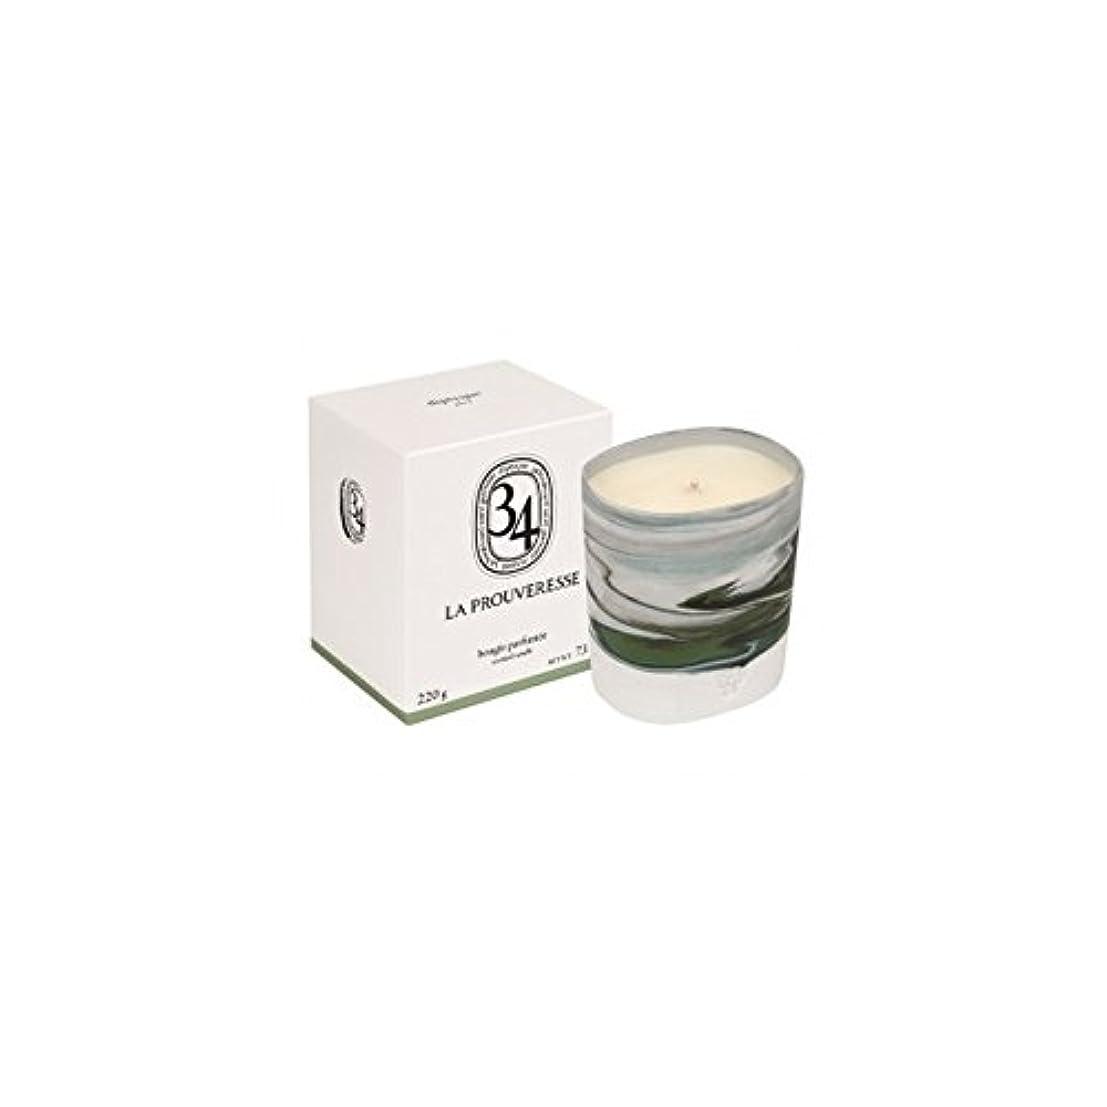 のぞき穴百万変換するDiptyque Collection 34 La Prouveresse Scented Candle 220g (Pack of 2) - ラProuveresse Diptyqueコレクション34香りのキャンドル220...